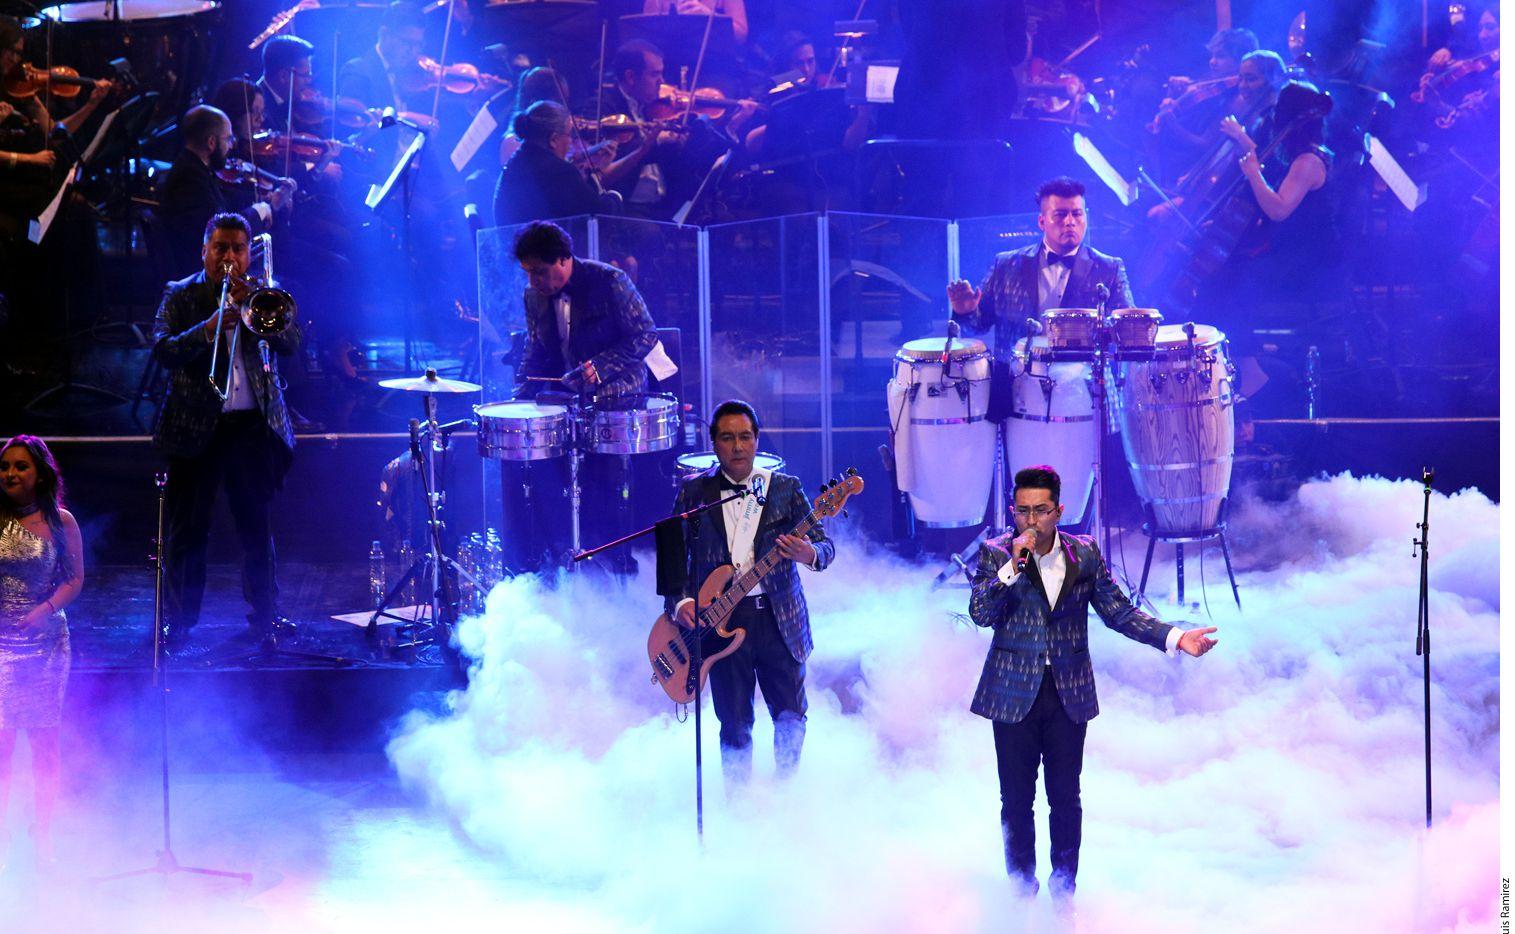 En esta fotografía de archivo sin fecha, se ve a Los Ángeles Azules en concierto. Podrá escuchar a la banda mexicana de cumbia en concierto a través de Amazon Music este septiembre.